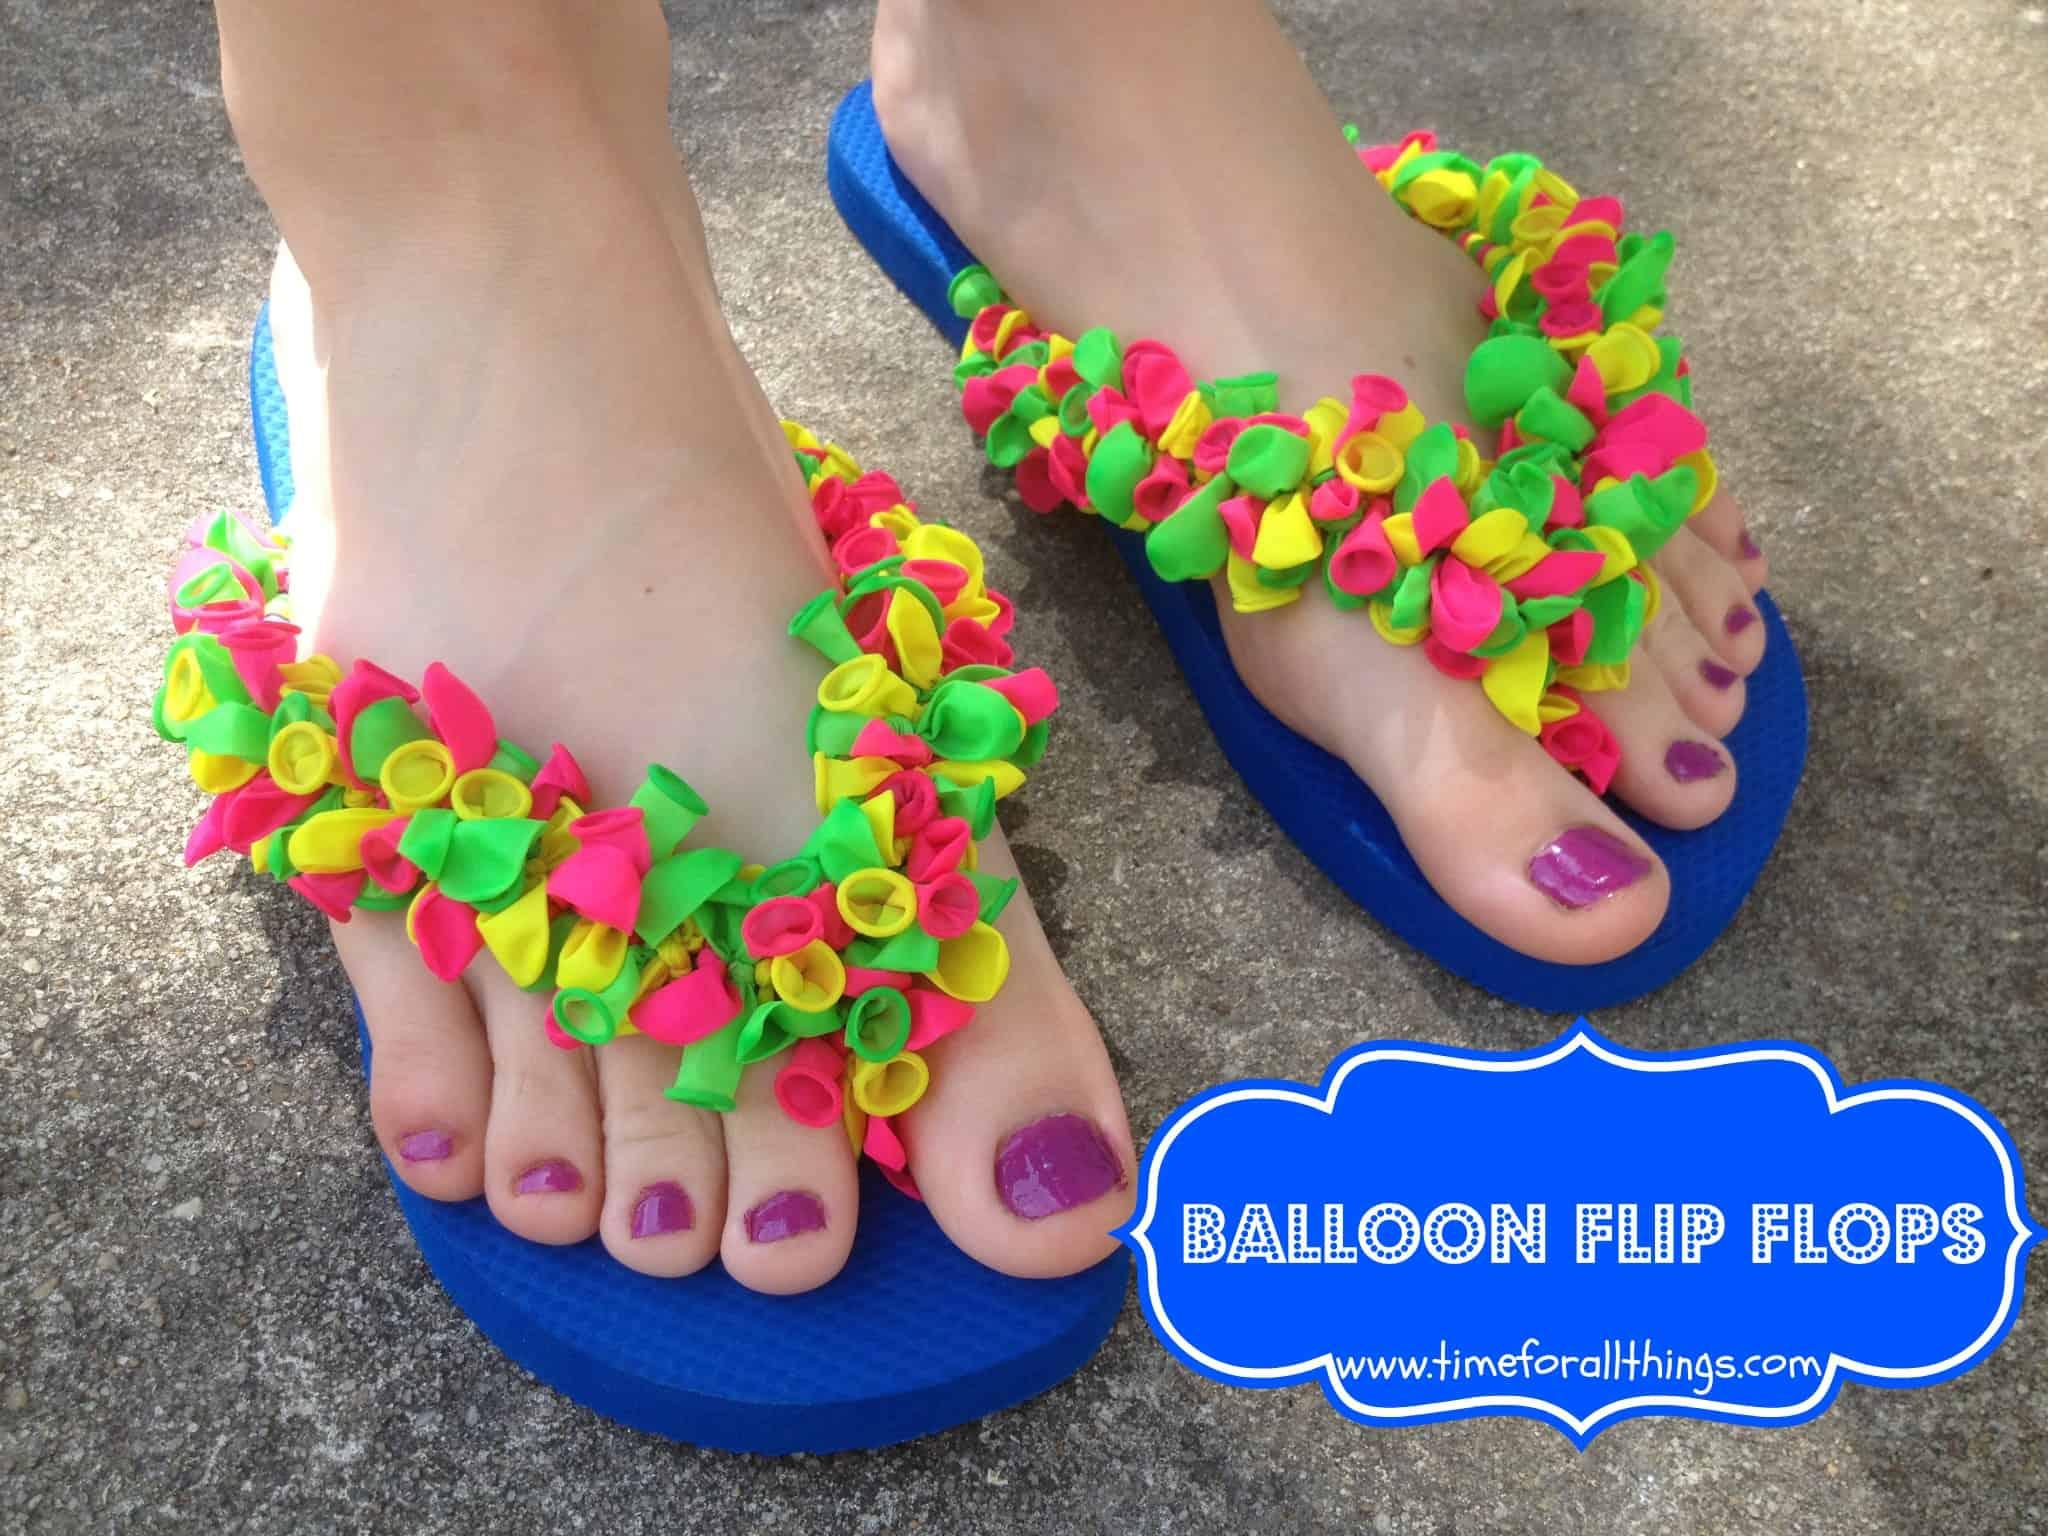 Funky balloon flip flops